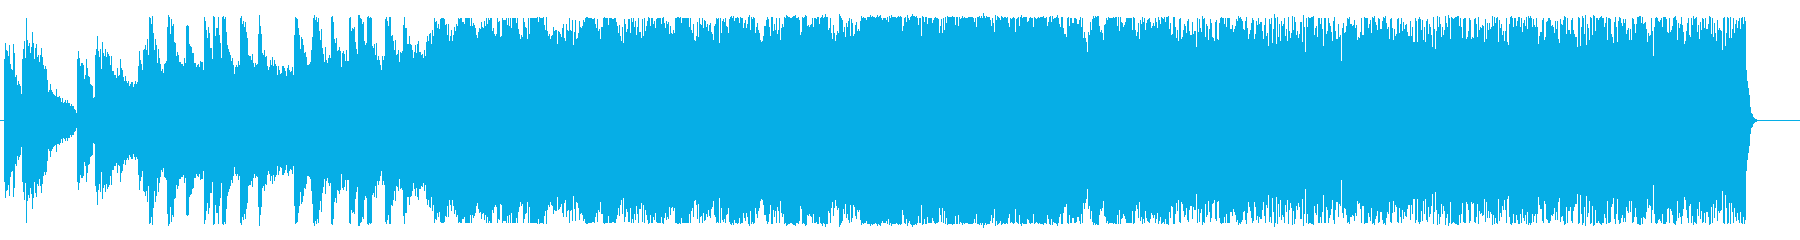 原動力となるエモーショナルなポップバラーの再生済みの波形